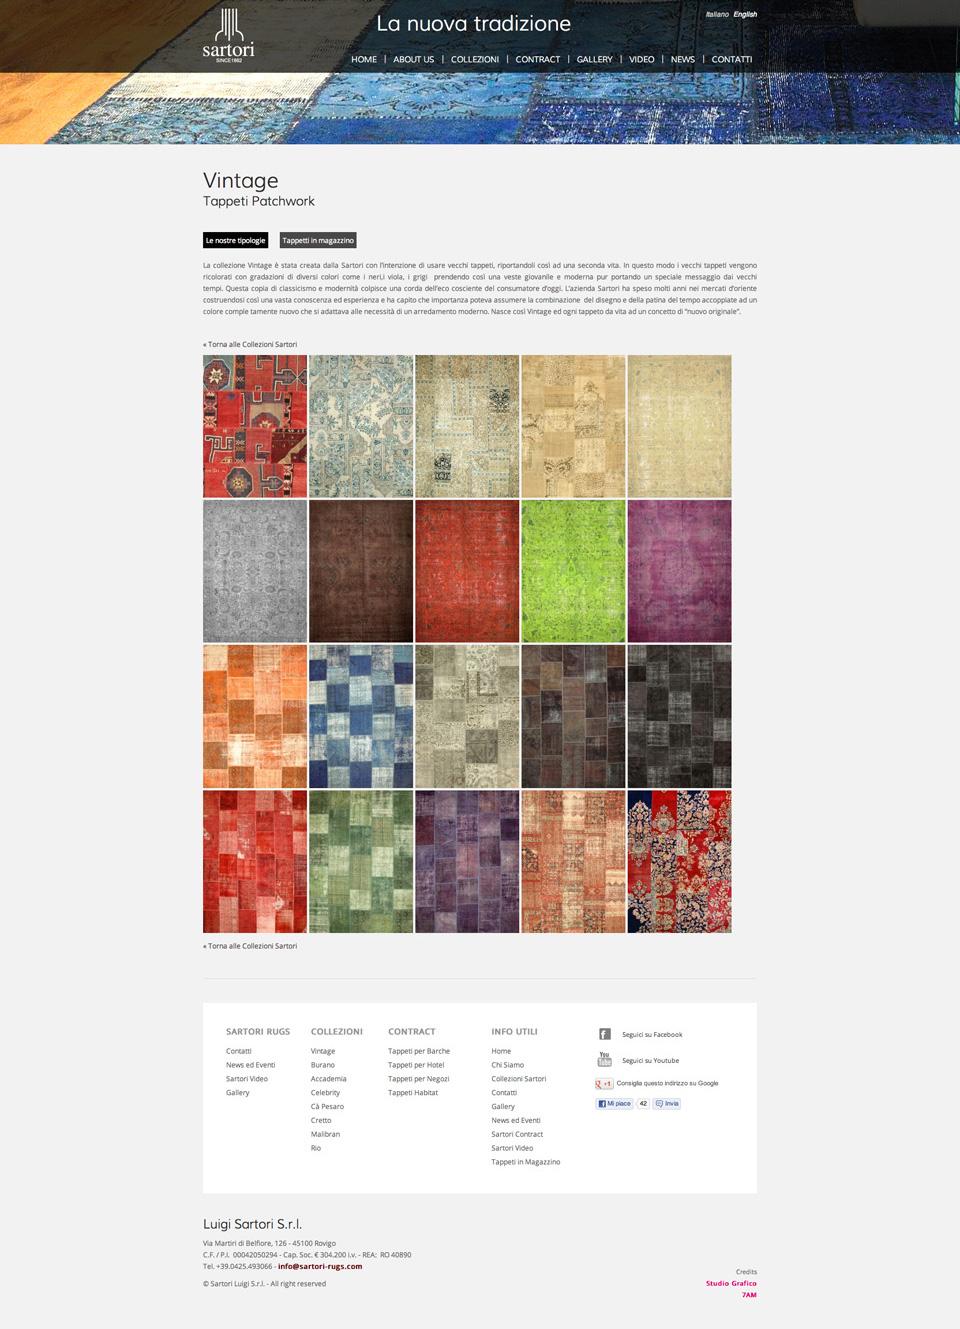 03-siti-web-produttore-arredamento-padova